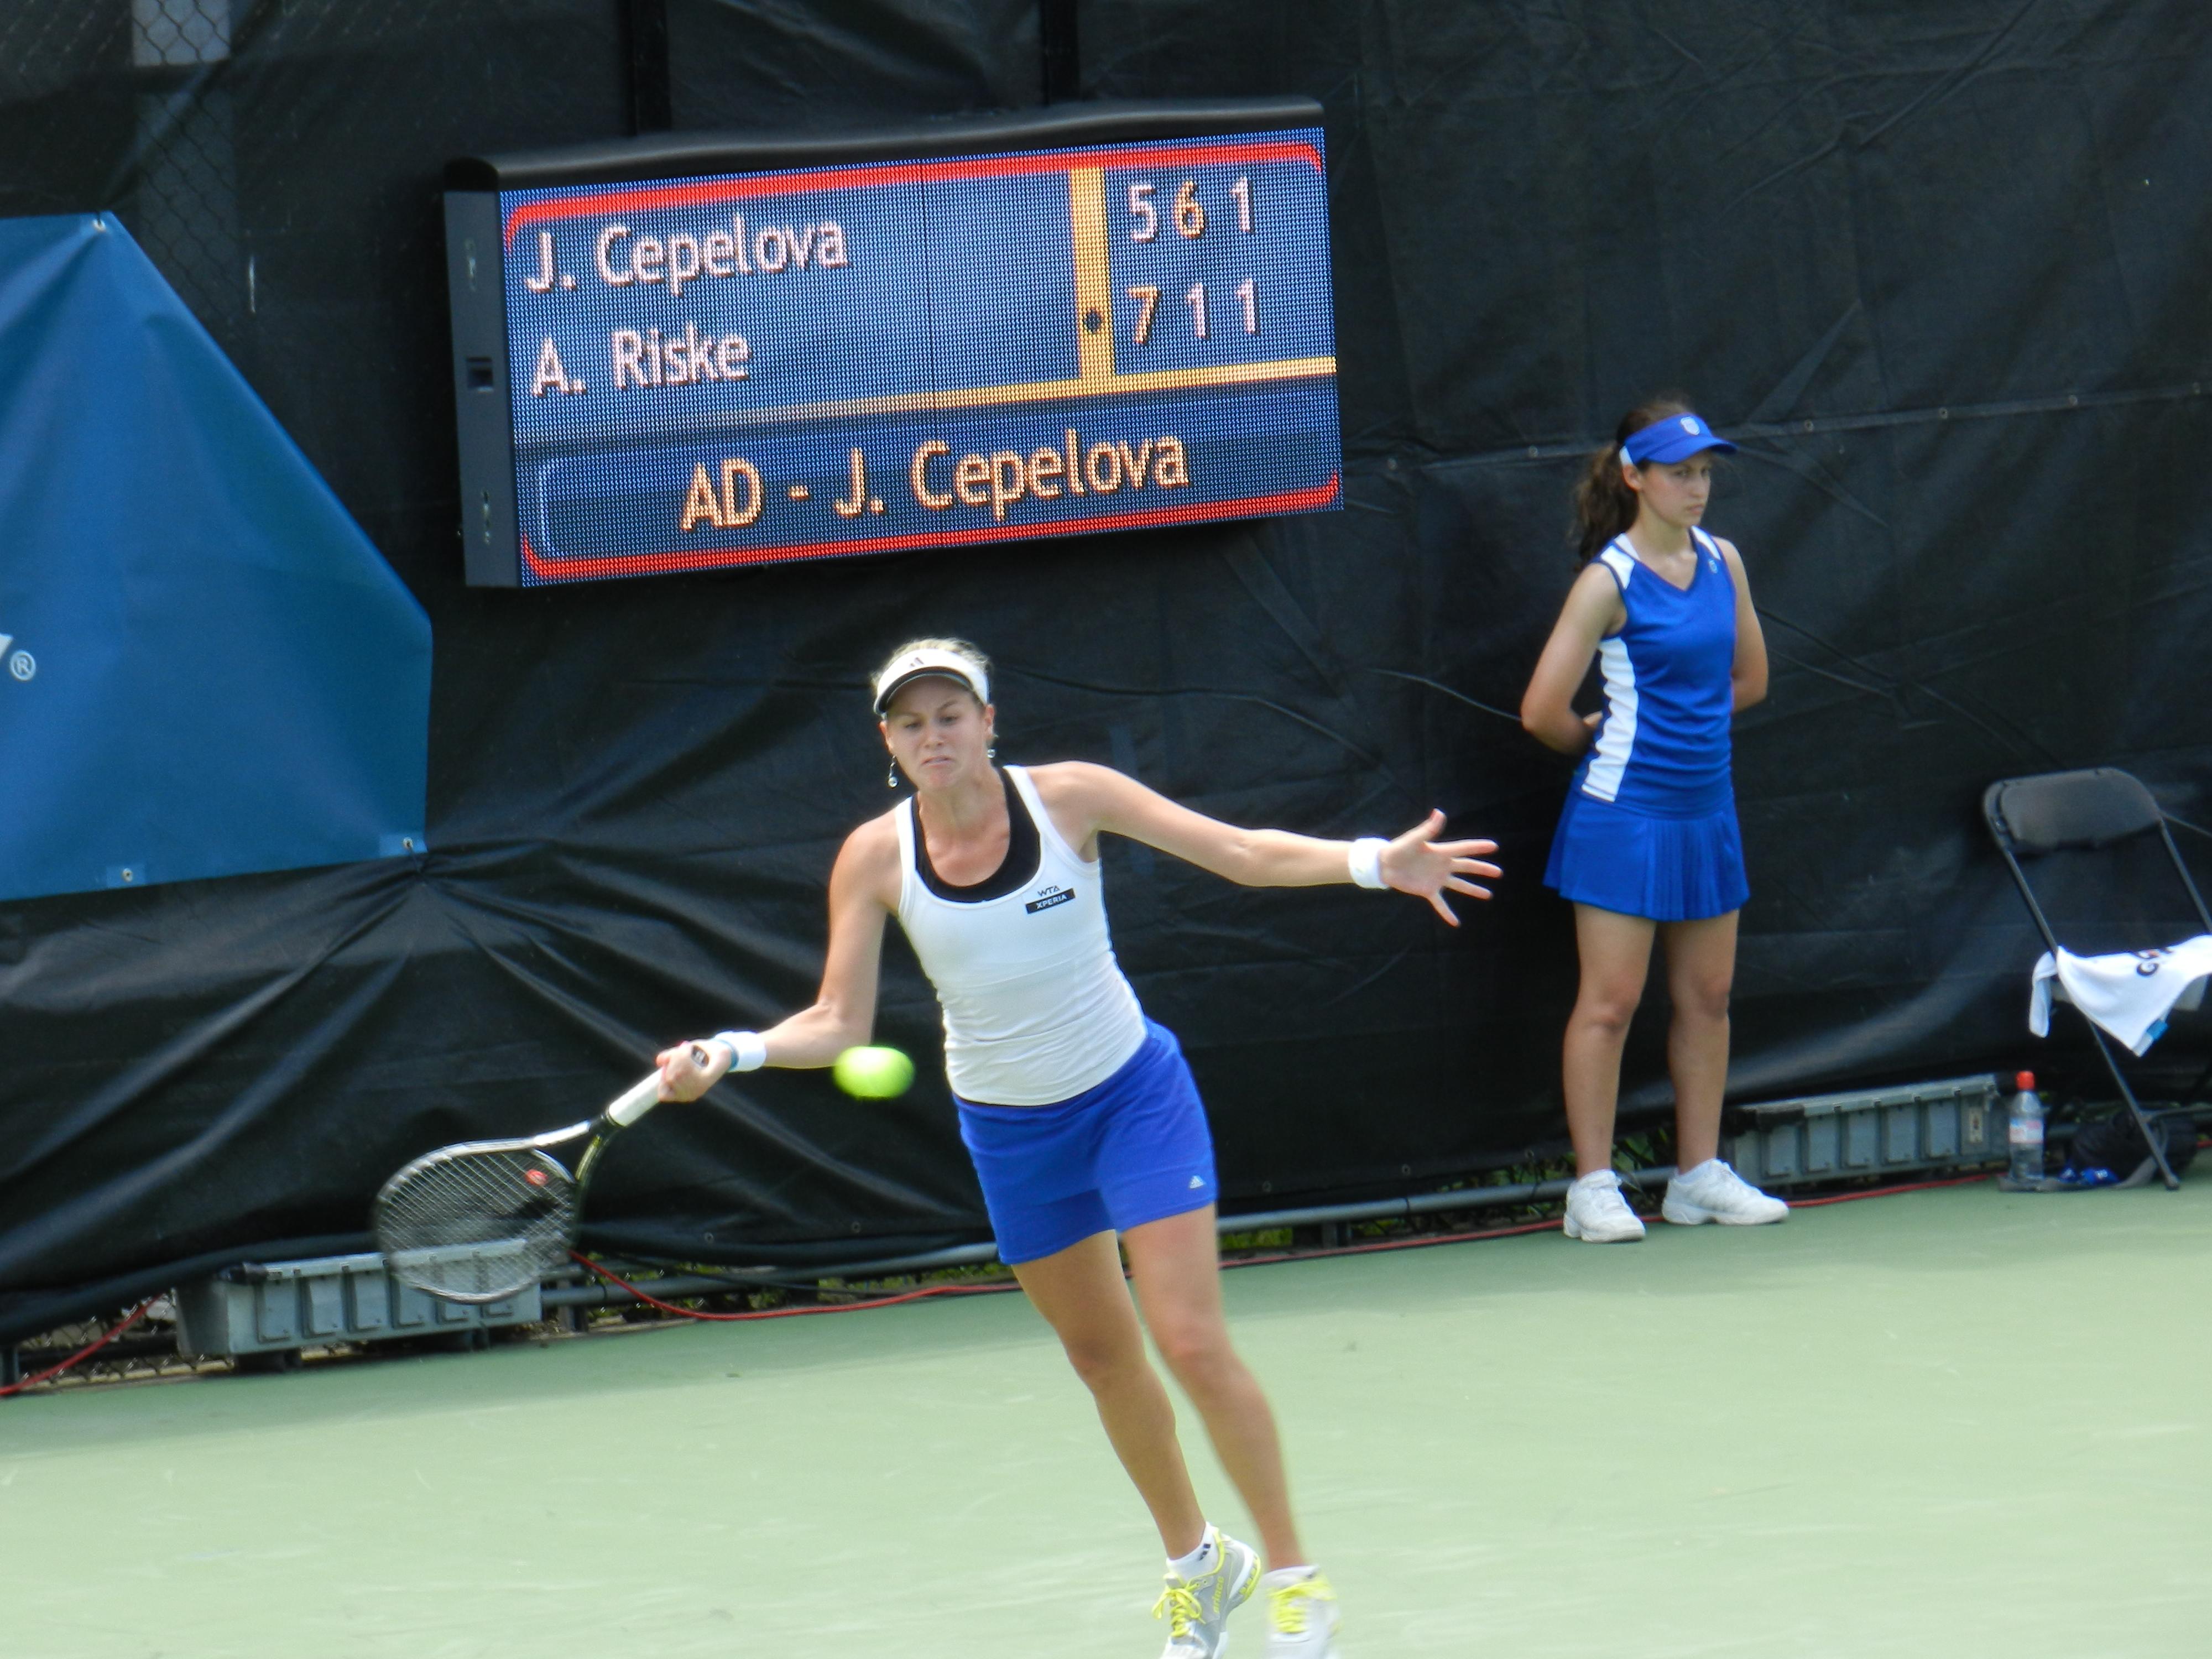 Jana Cepelova, WTA Washington CitiOpen 2012